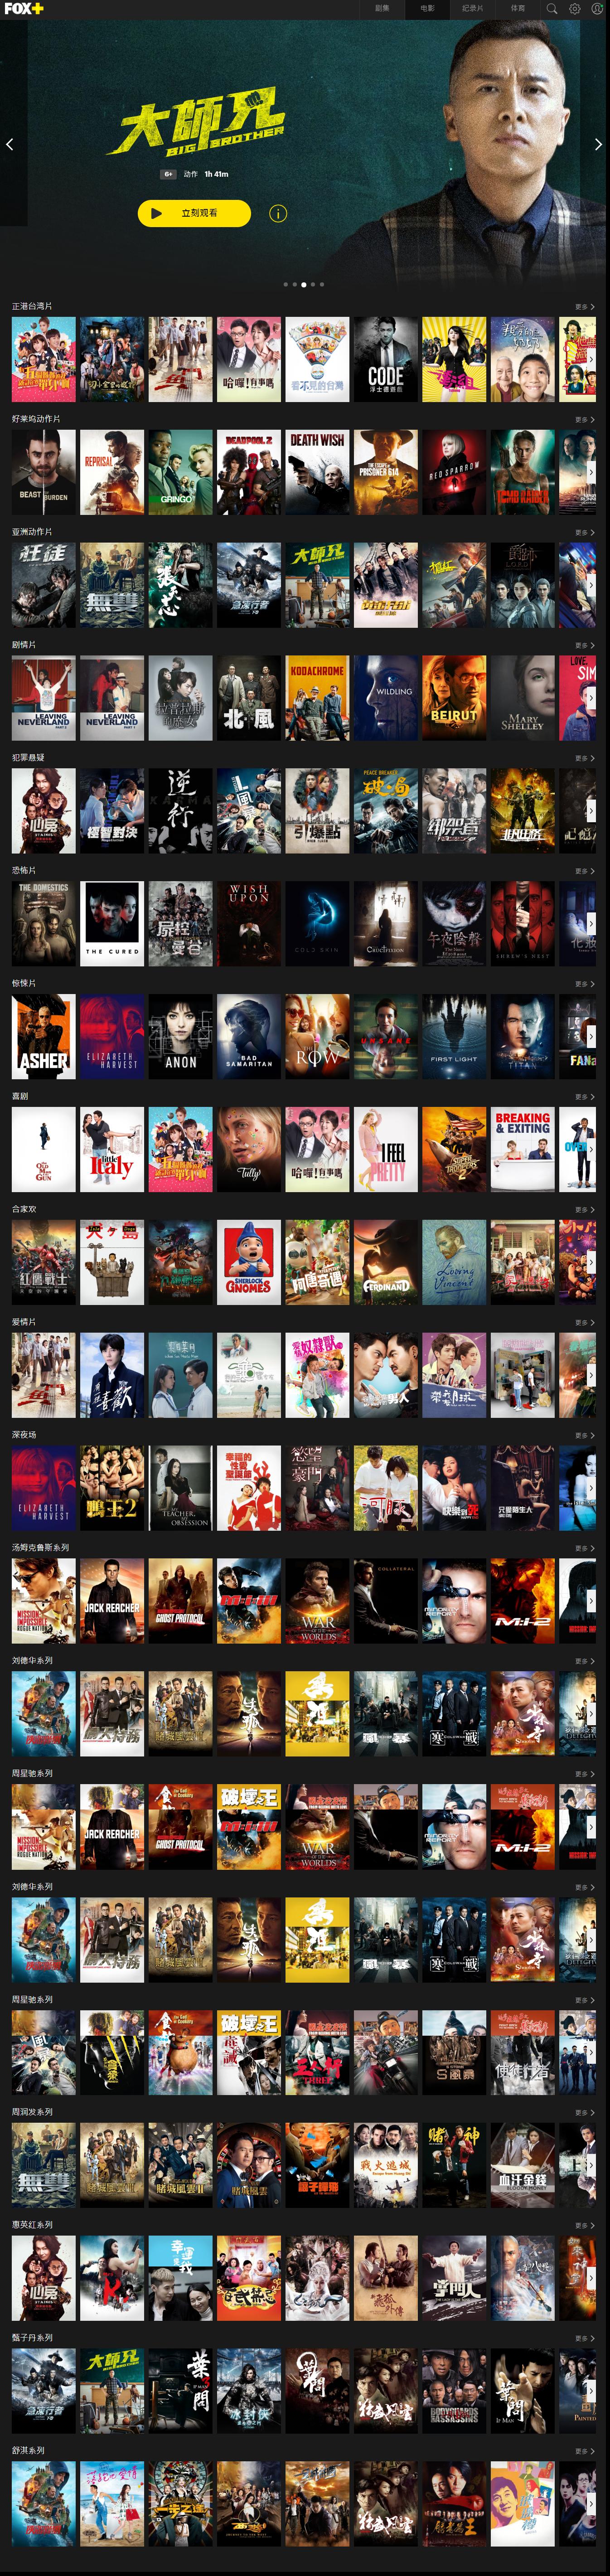 Movies_FOX+_台湾